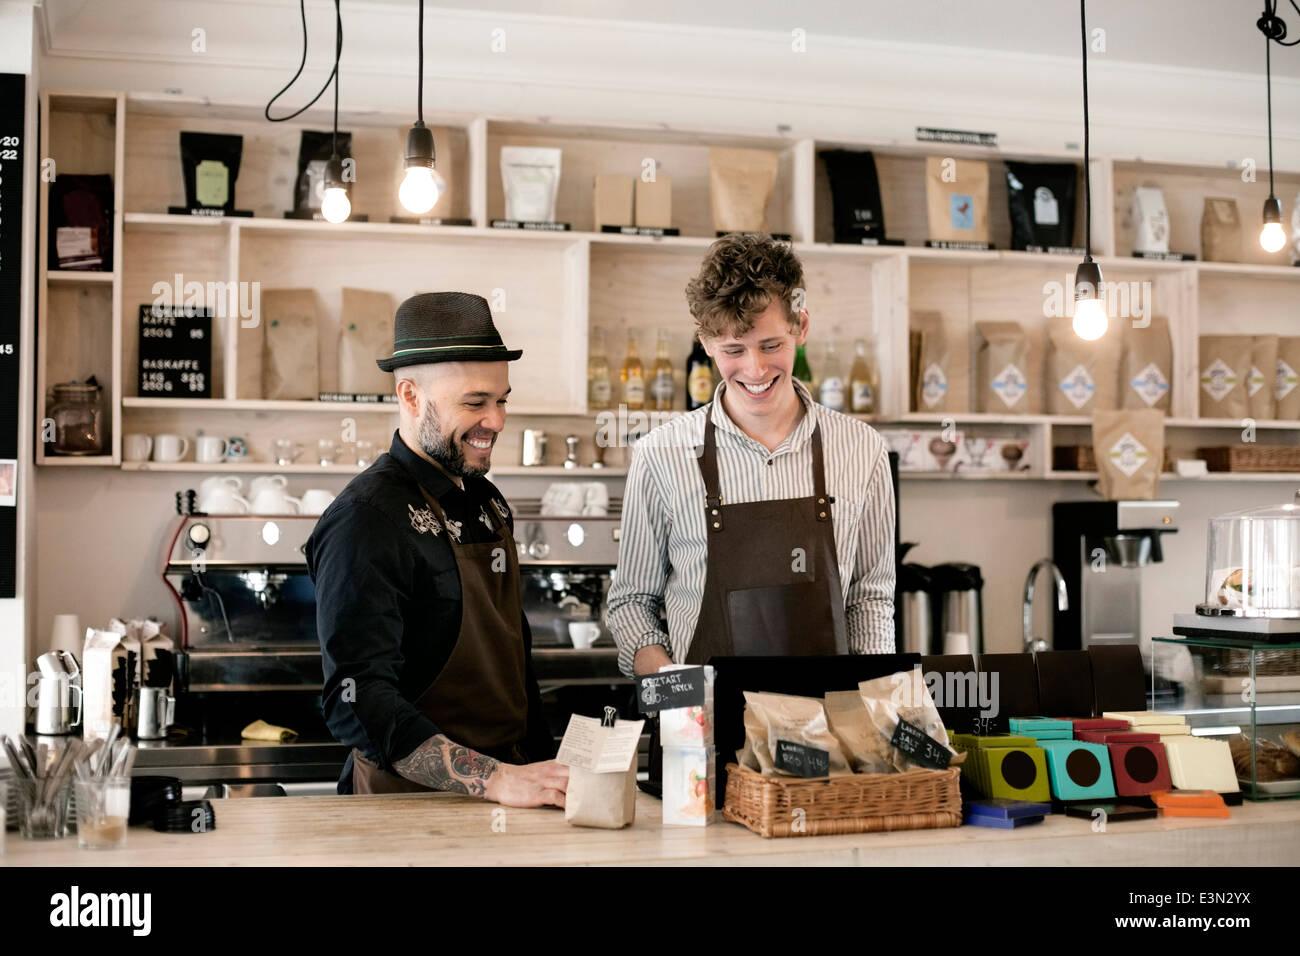 Glückliche Arbeiter arbeiten am Café-Schalter Stockbild